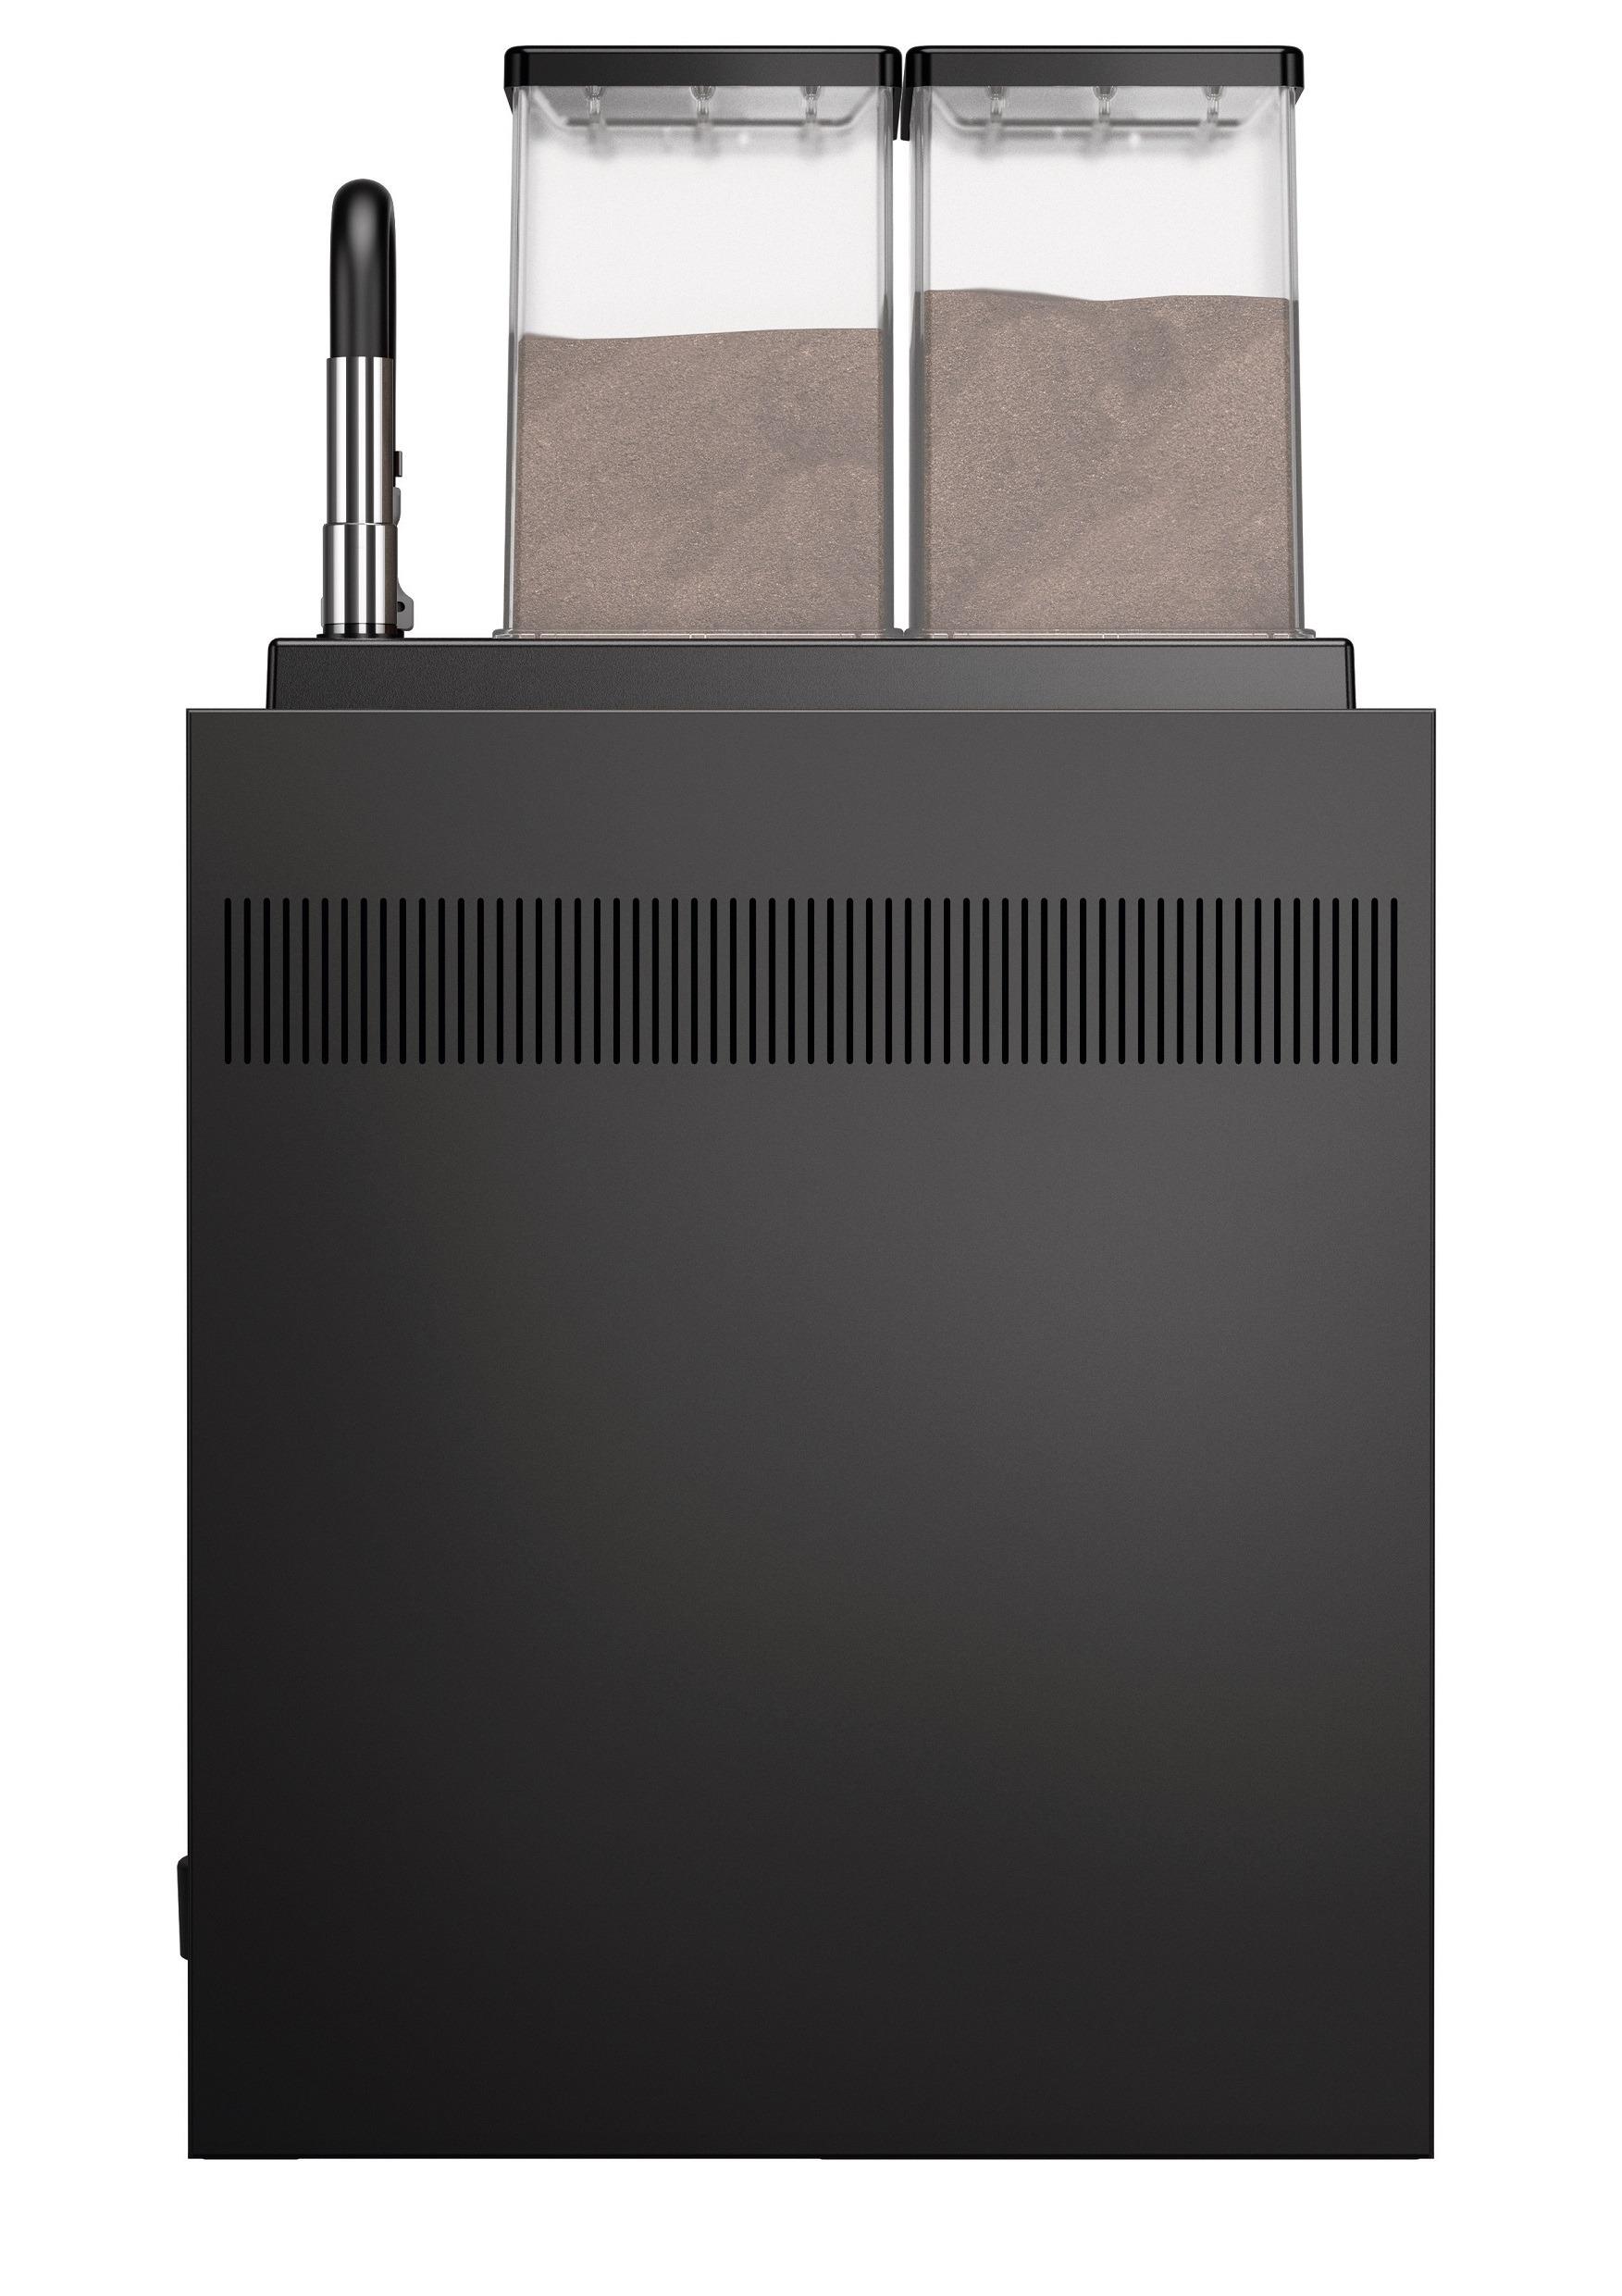 WMF 9000 F achterkant | KoffiePartners